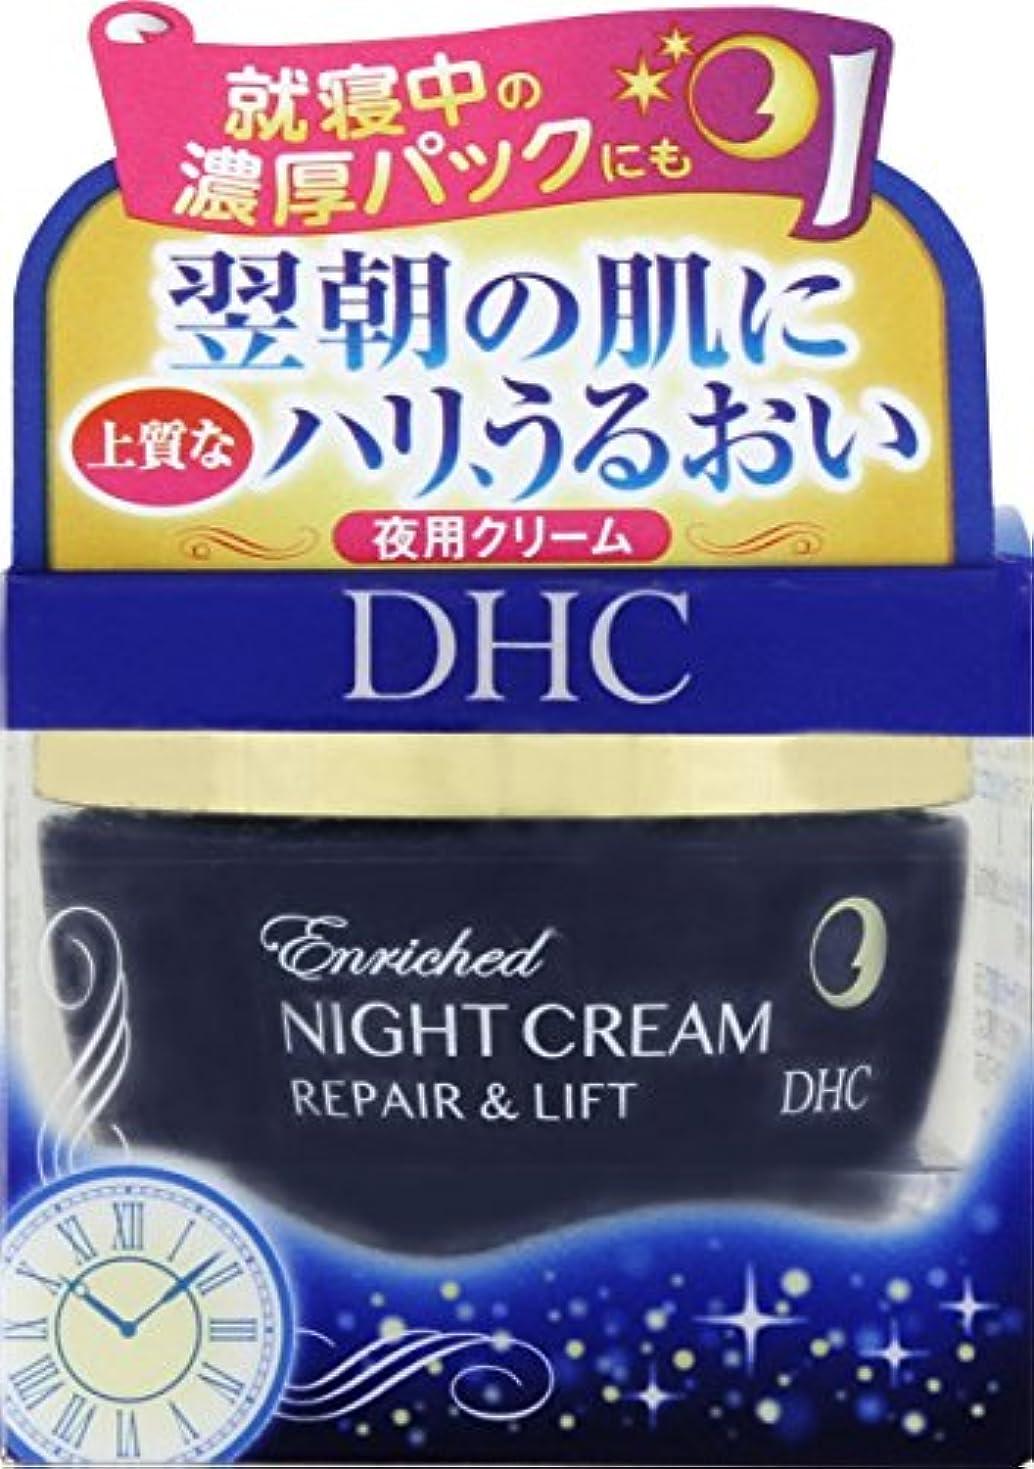 夕食を作る緊張する指令DHC エンリッチナイトクリームR&L(SS)30g